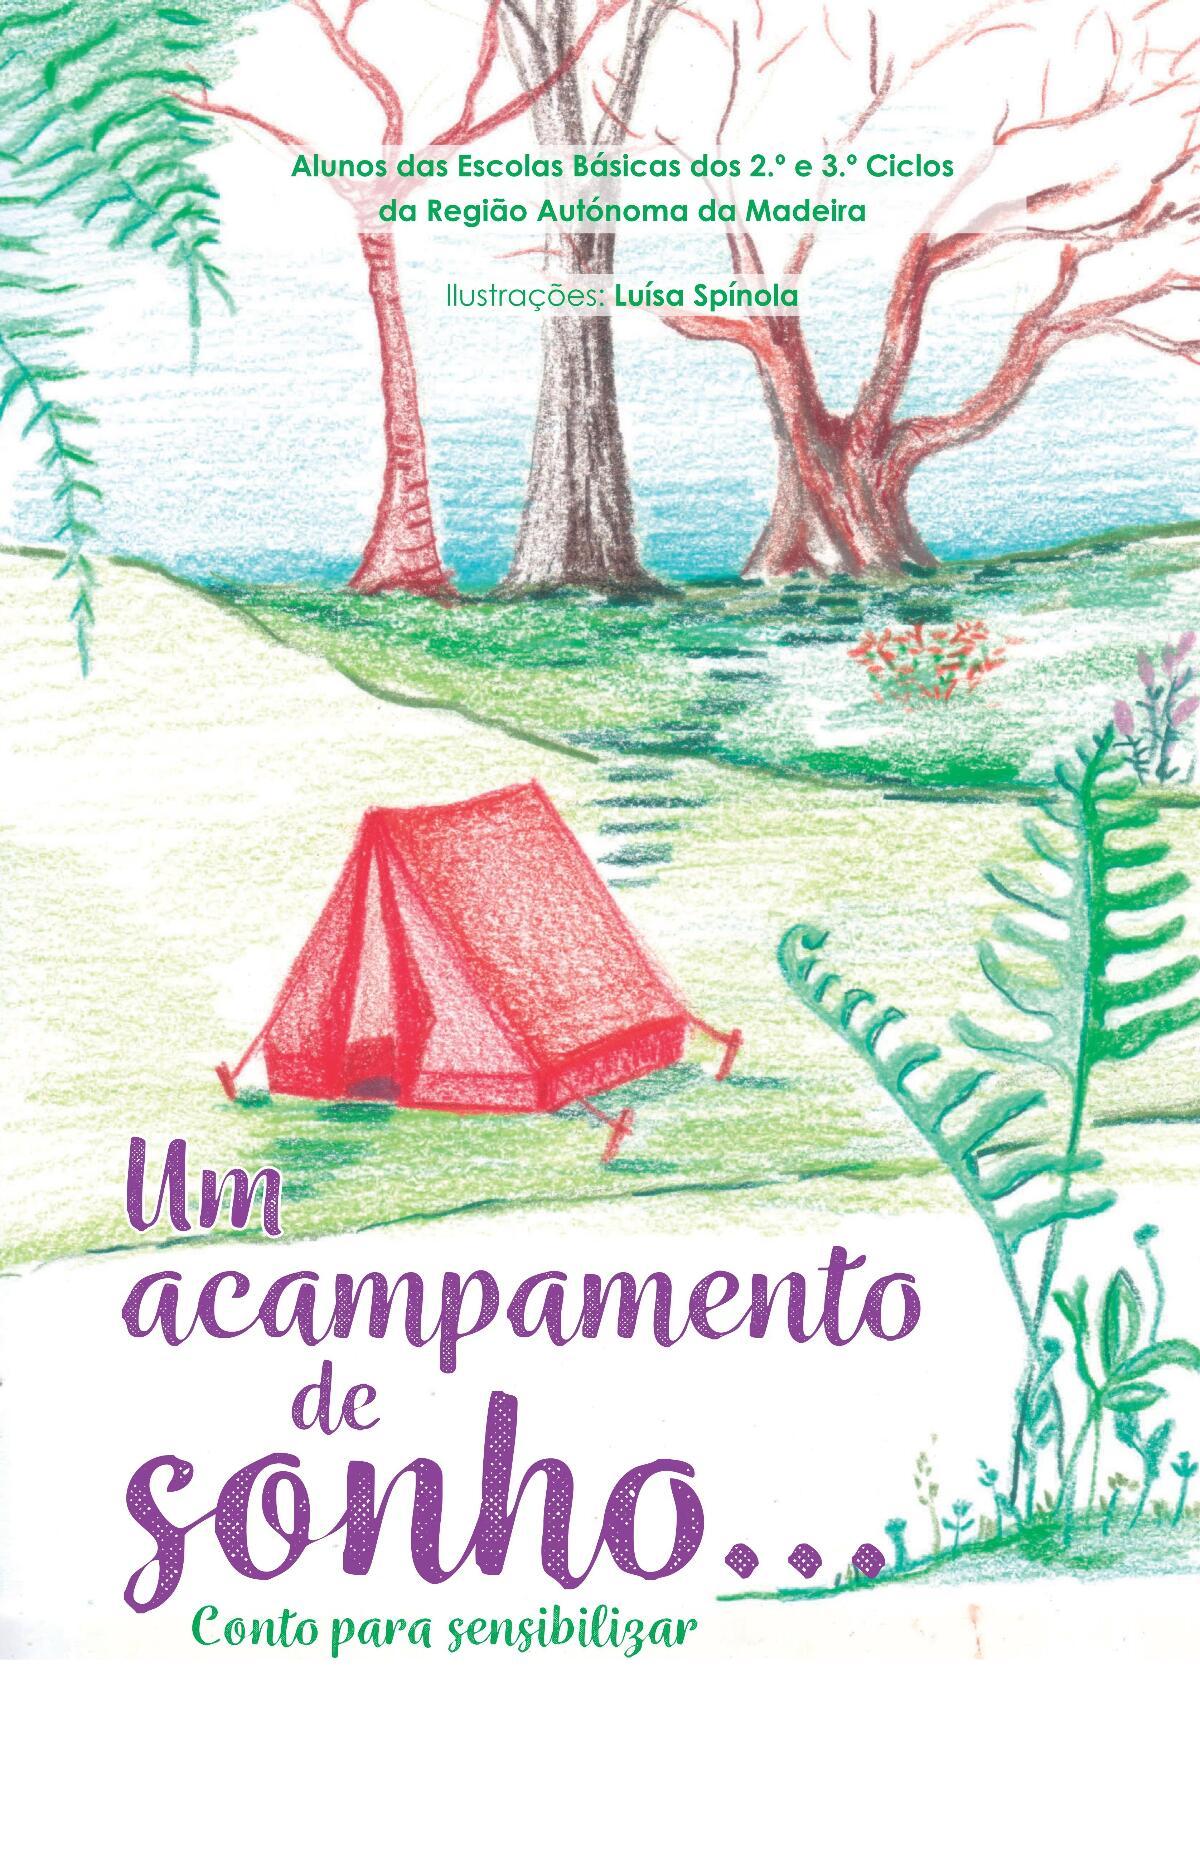 Um acampamento de sonho… Conto para sensibilizar